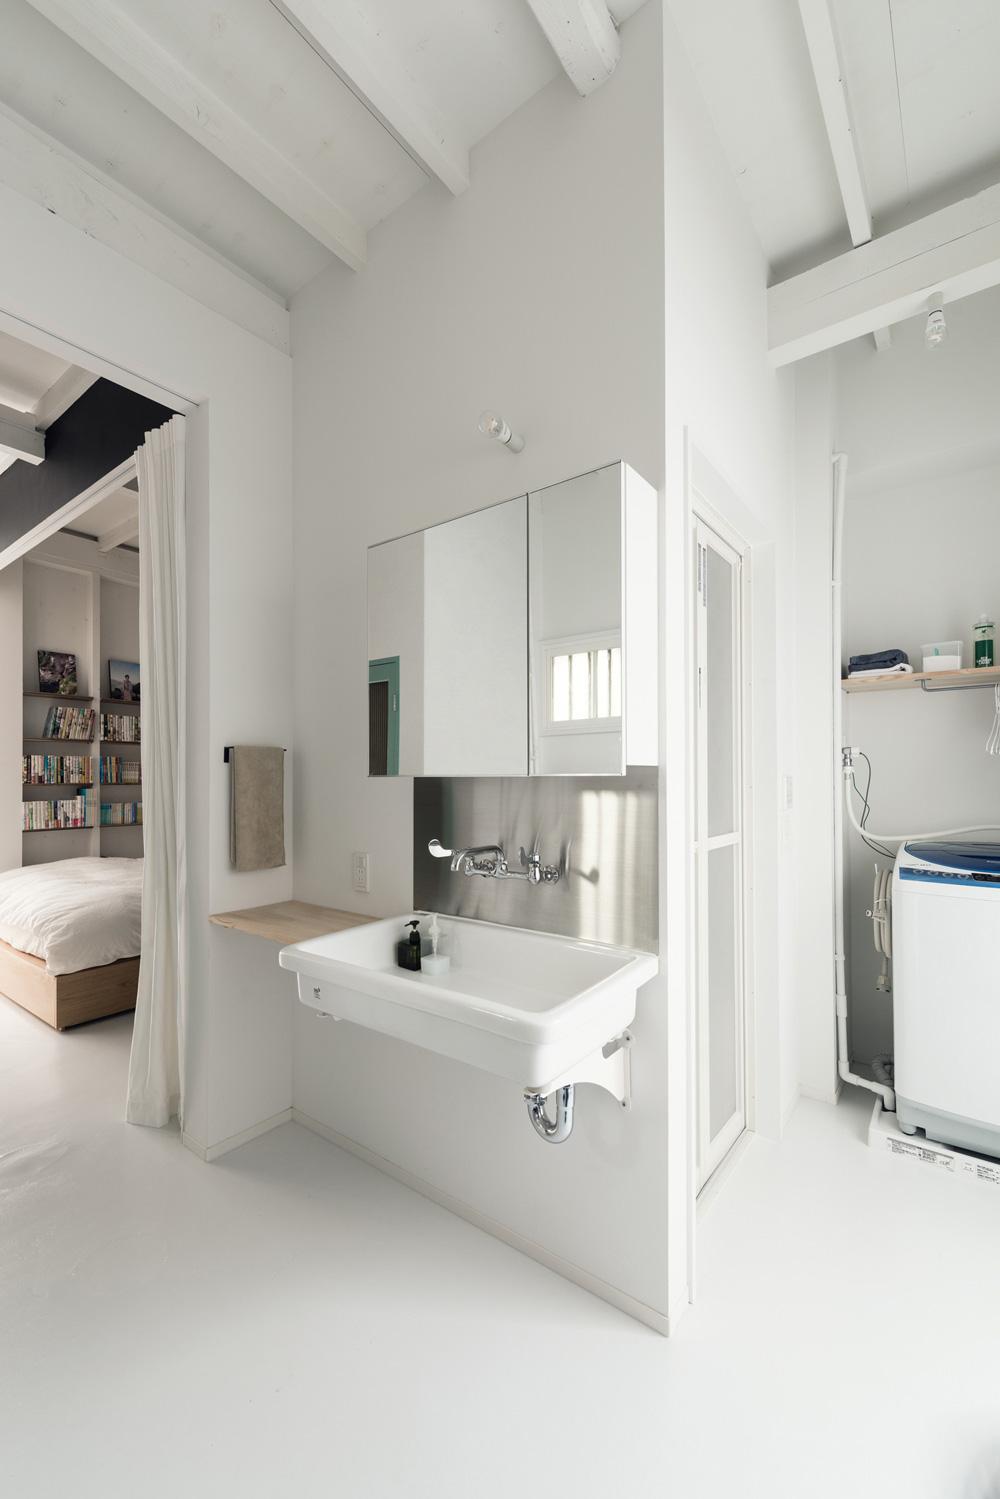 Re-Toyosaki / Coil Kazuteru Matumura Architects (17)